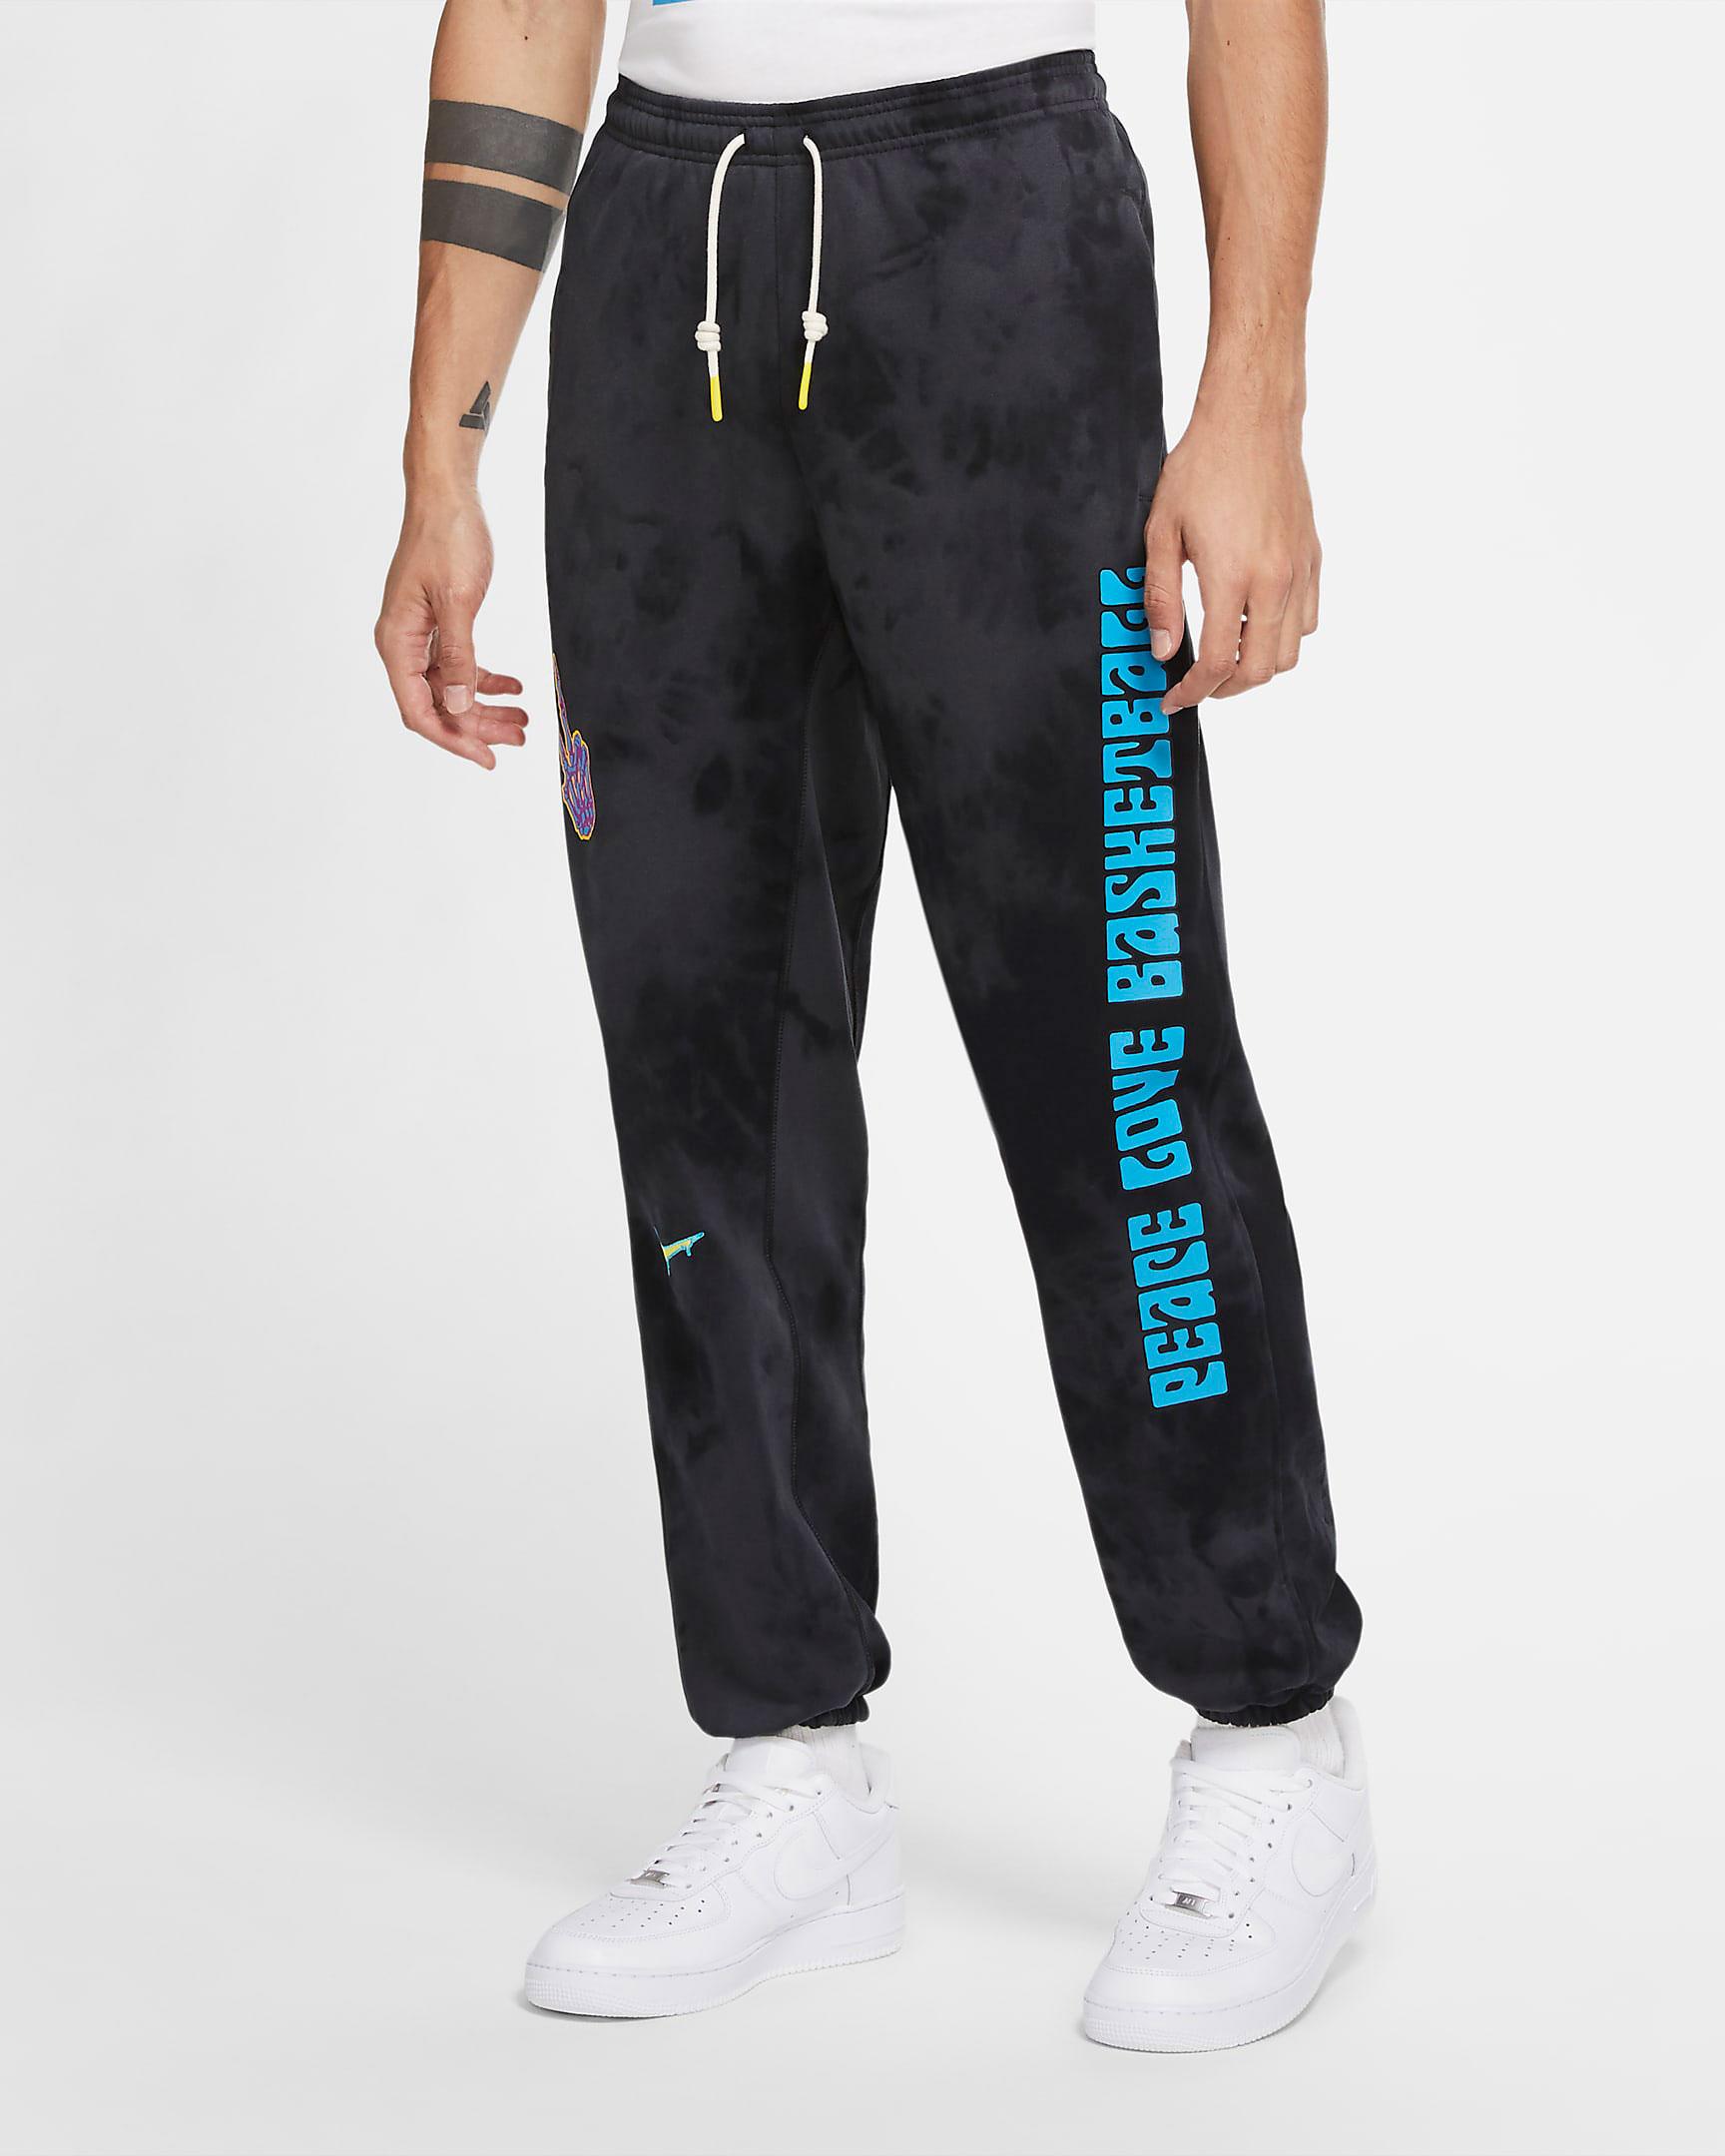 nike-peace-love-basketball-pants-black-1